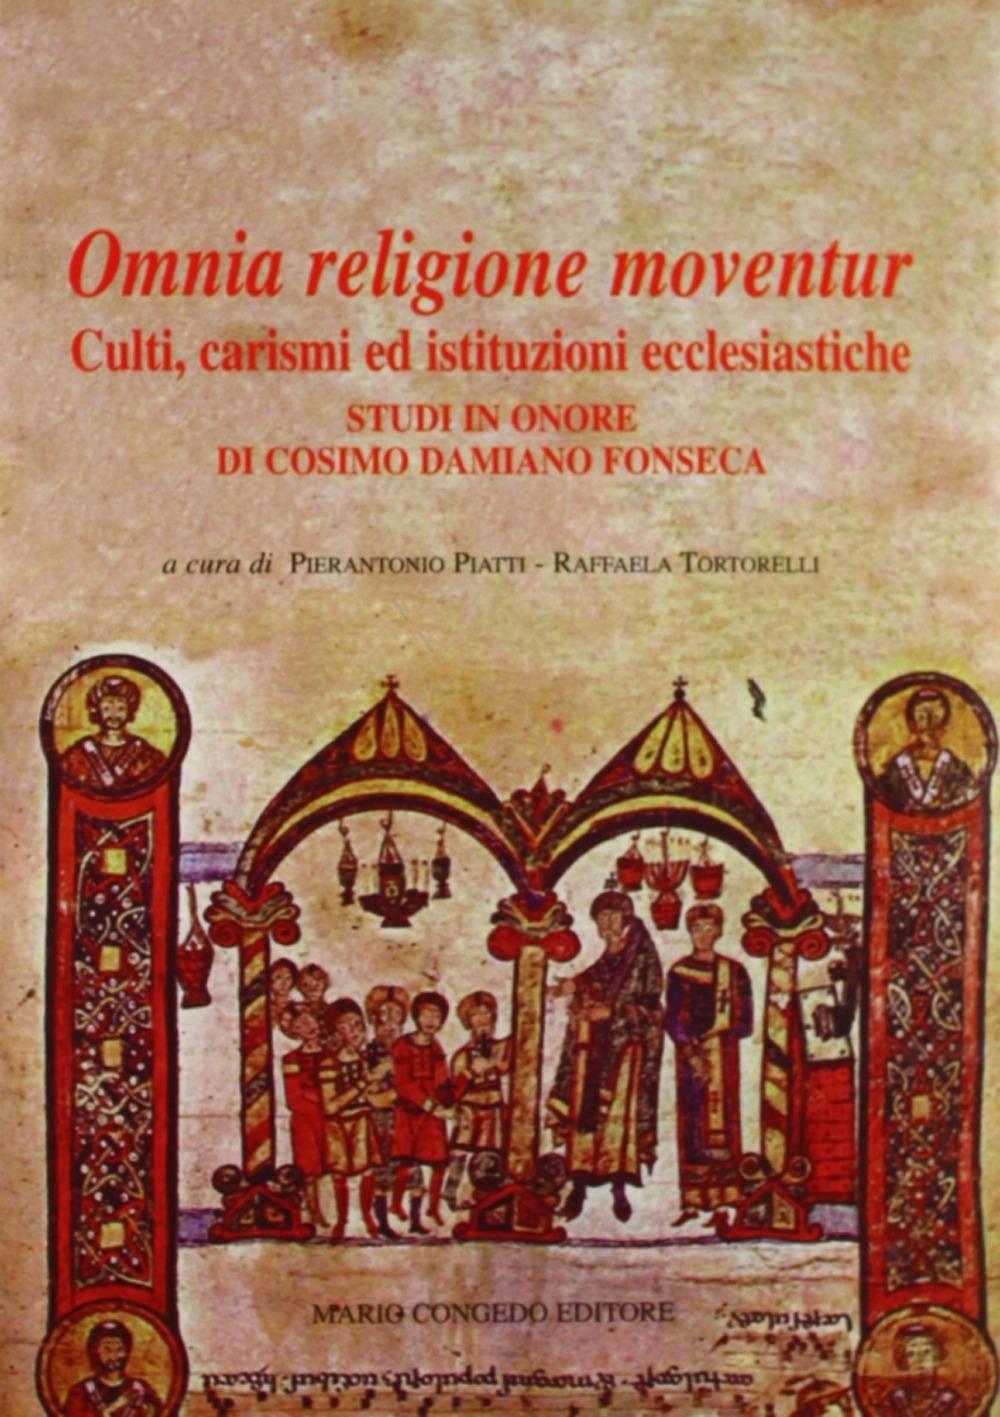 Omnia religione moventur. Culti, carismi ed istituzioni ecclesiastiche. Studi in onore di Cosimo Damiano Fonseca